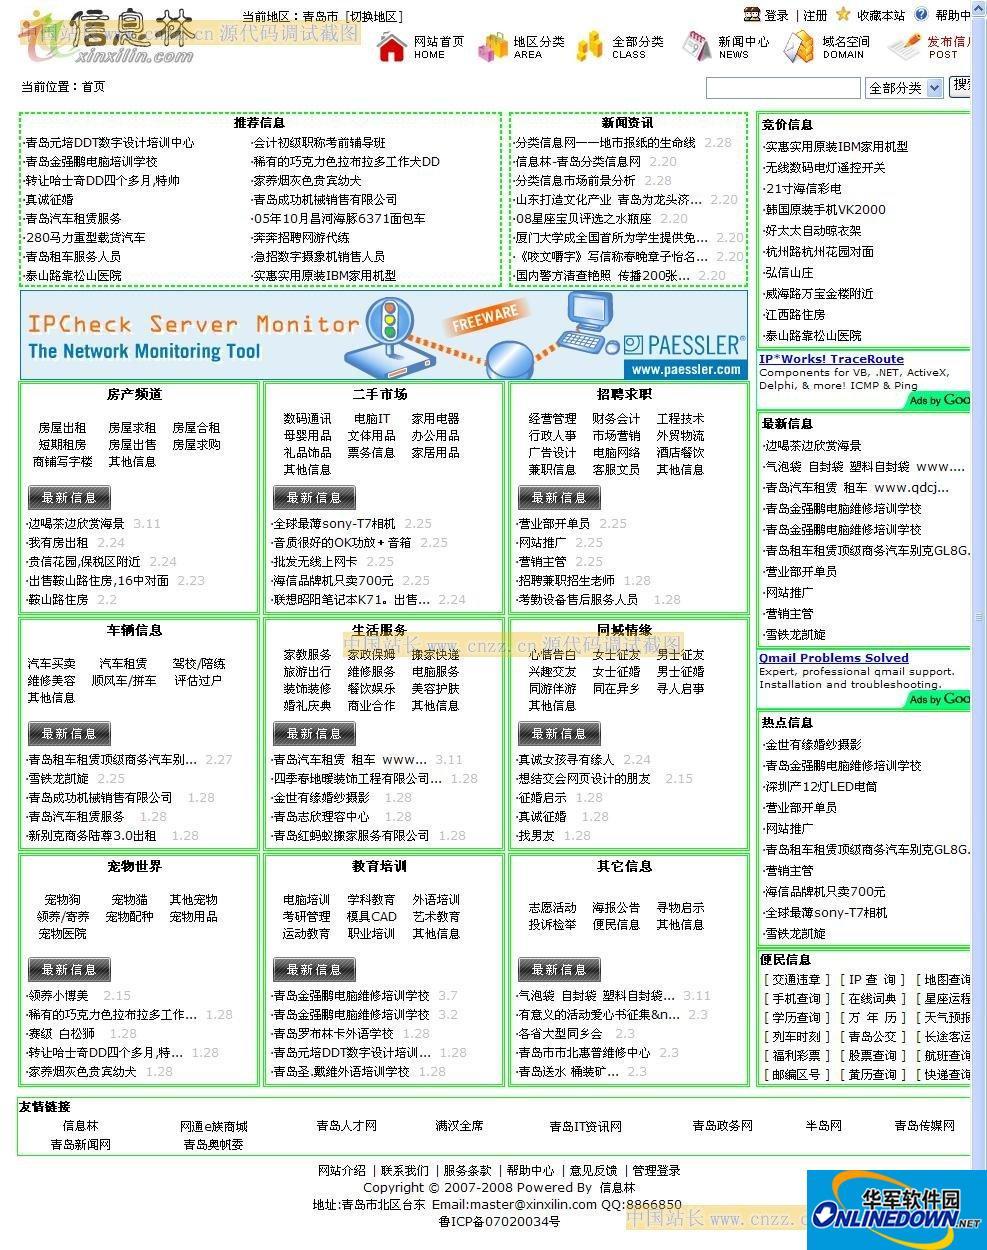 青岛分类信息网...